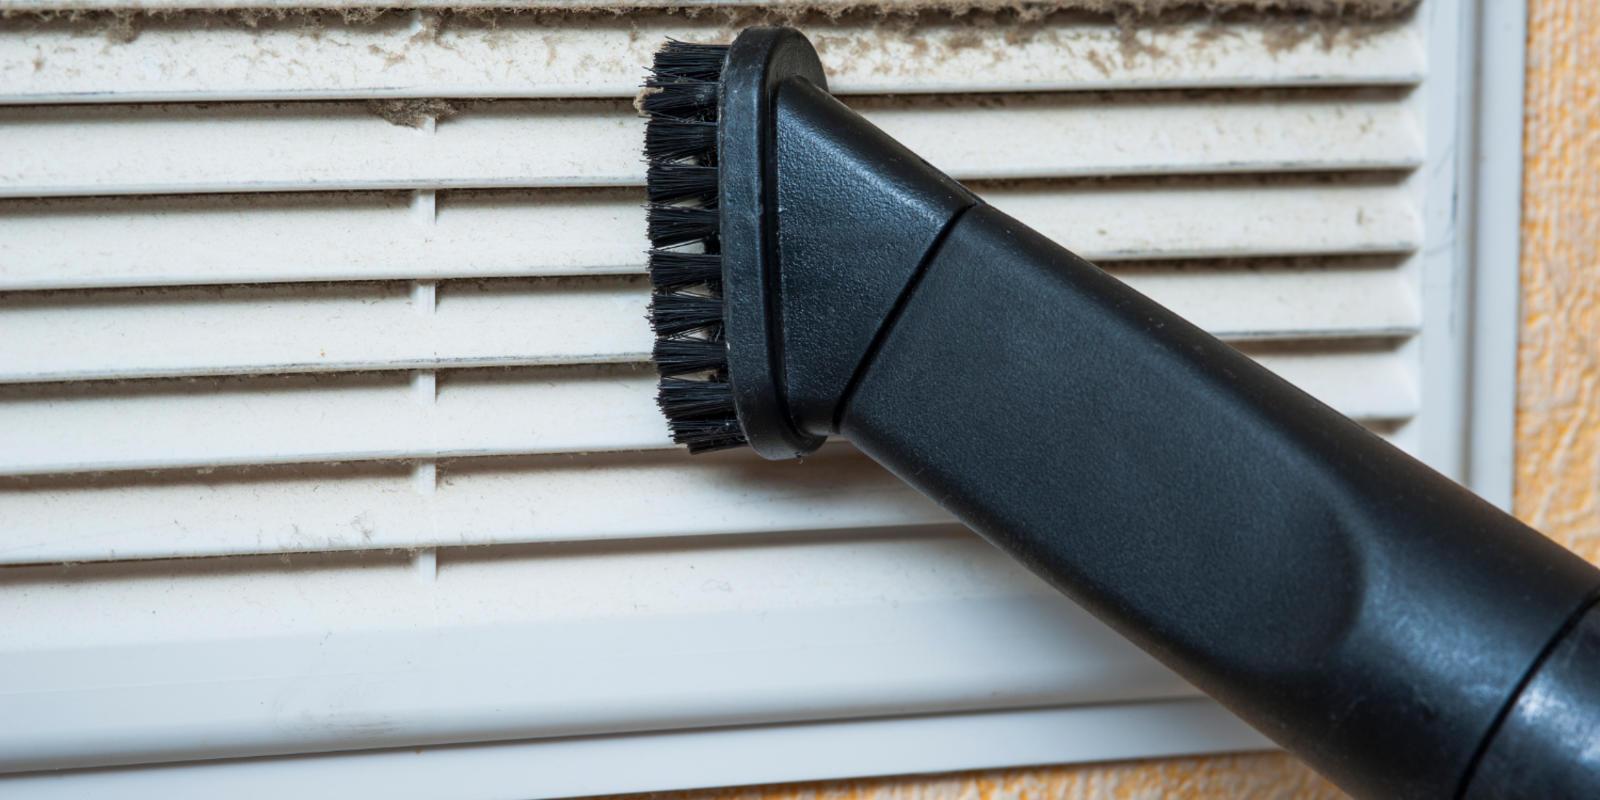 Ventilatierooster schoonmaken